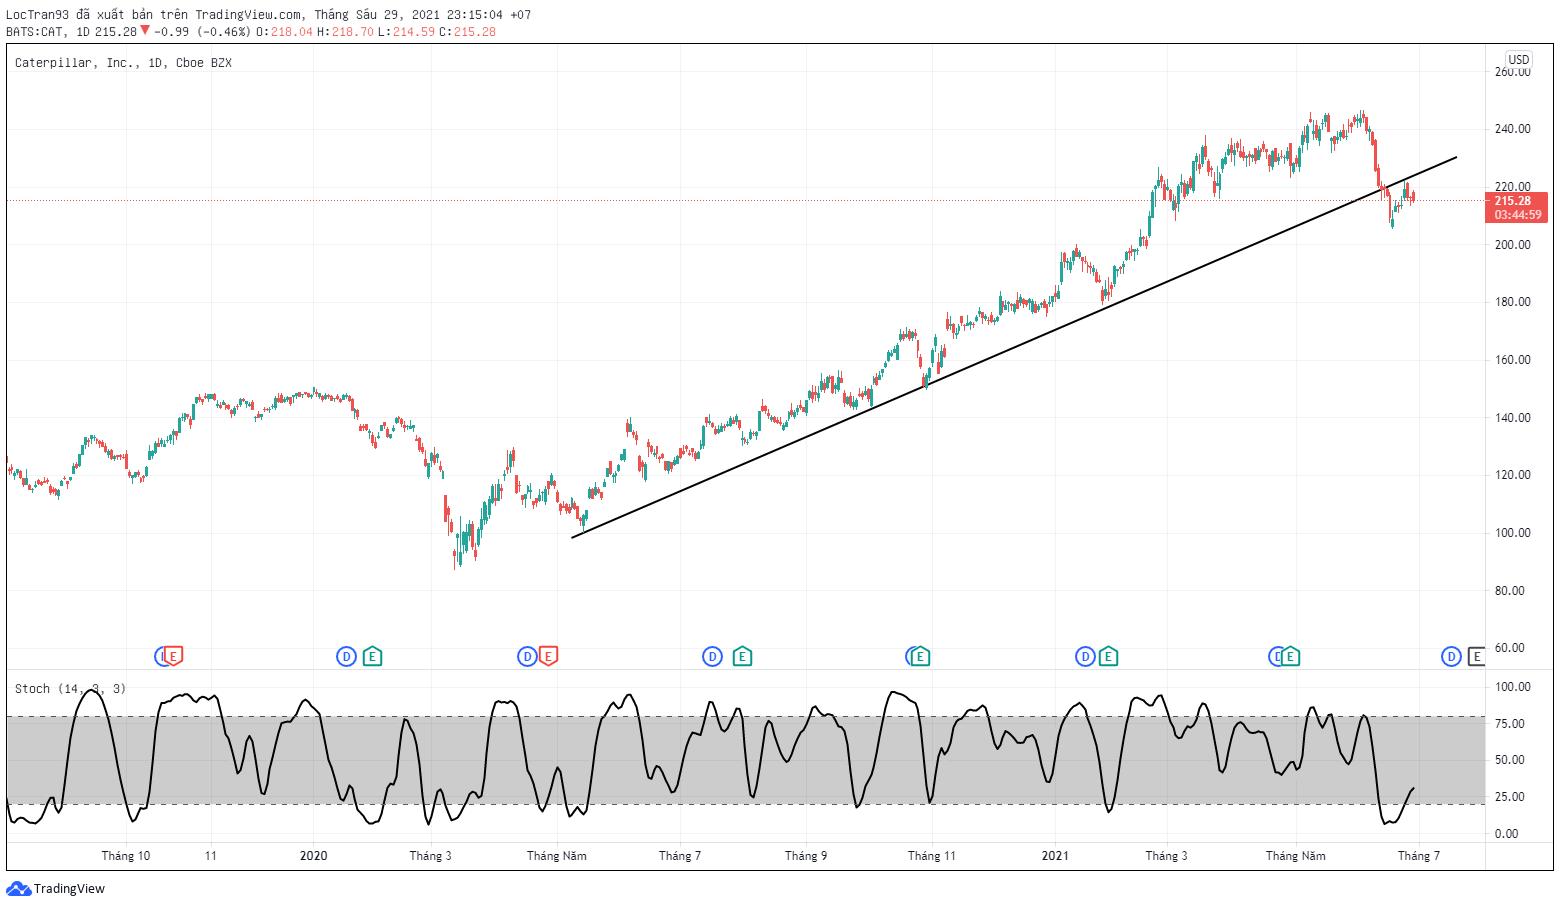 Biểu đồ cổ phiếu CAT khung 1D xu hướng giảm giá